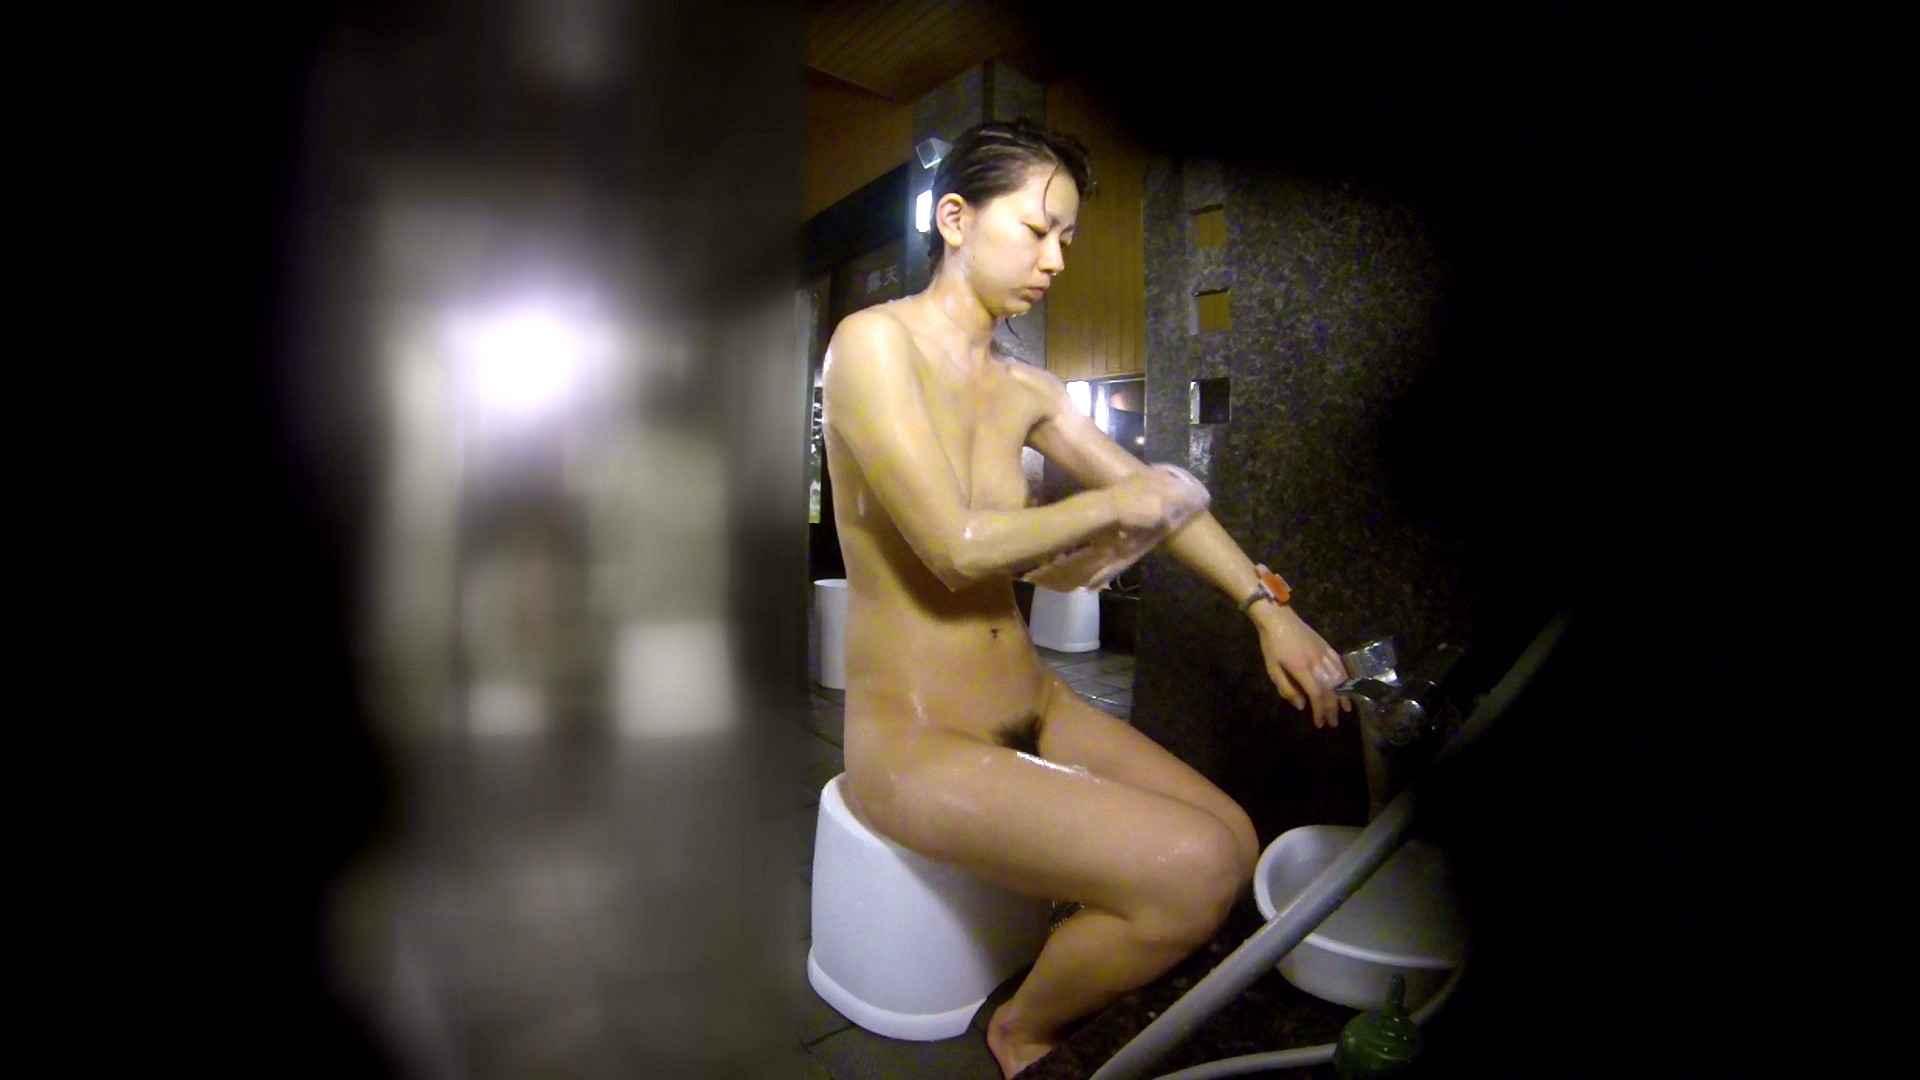 洗い場!綺麗なお女市さんは好きですか? 銭湯   潜入エロ調査  58連発 28